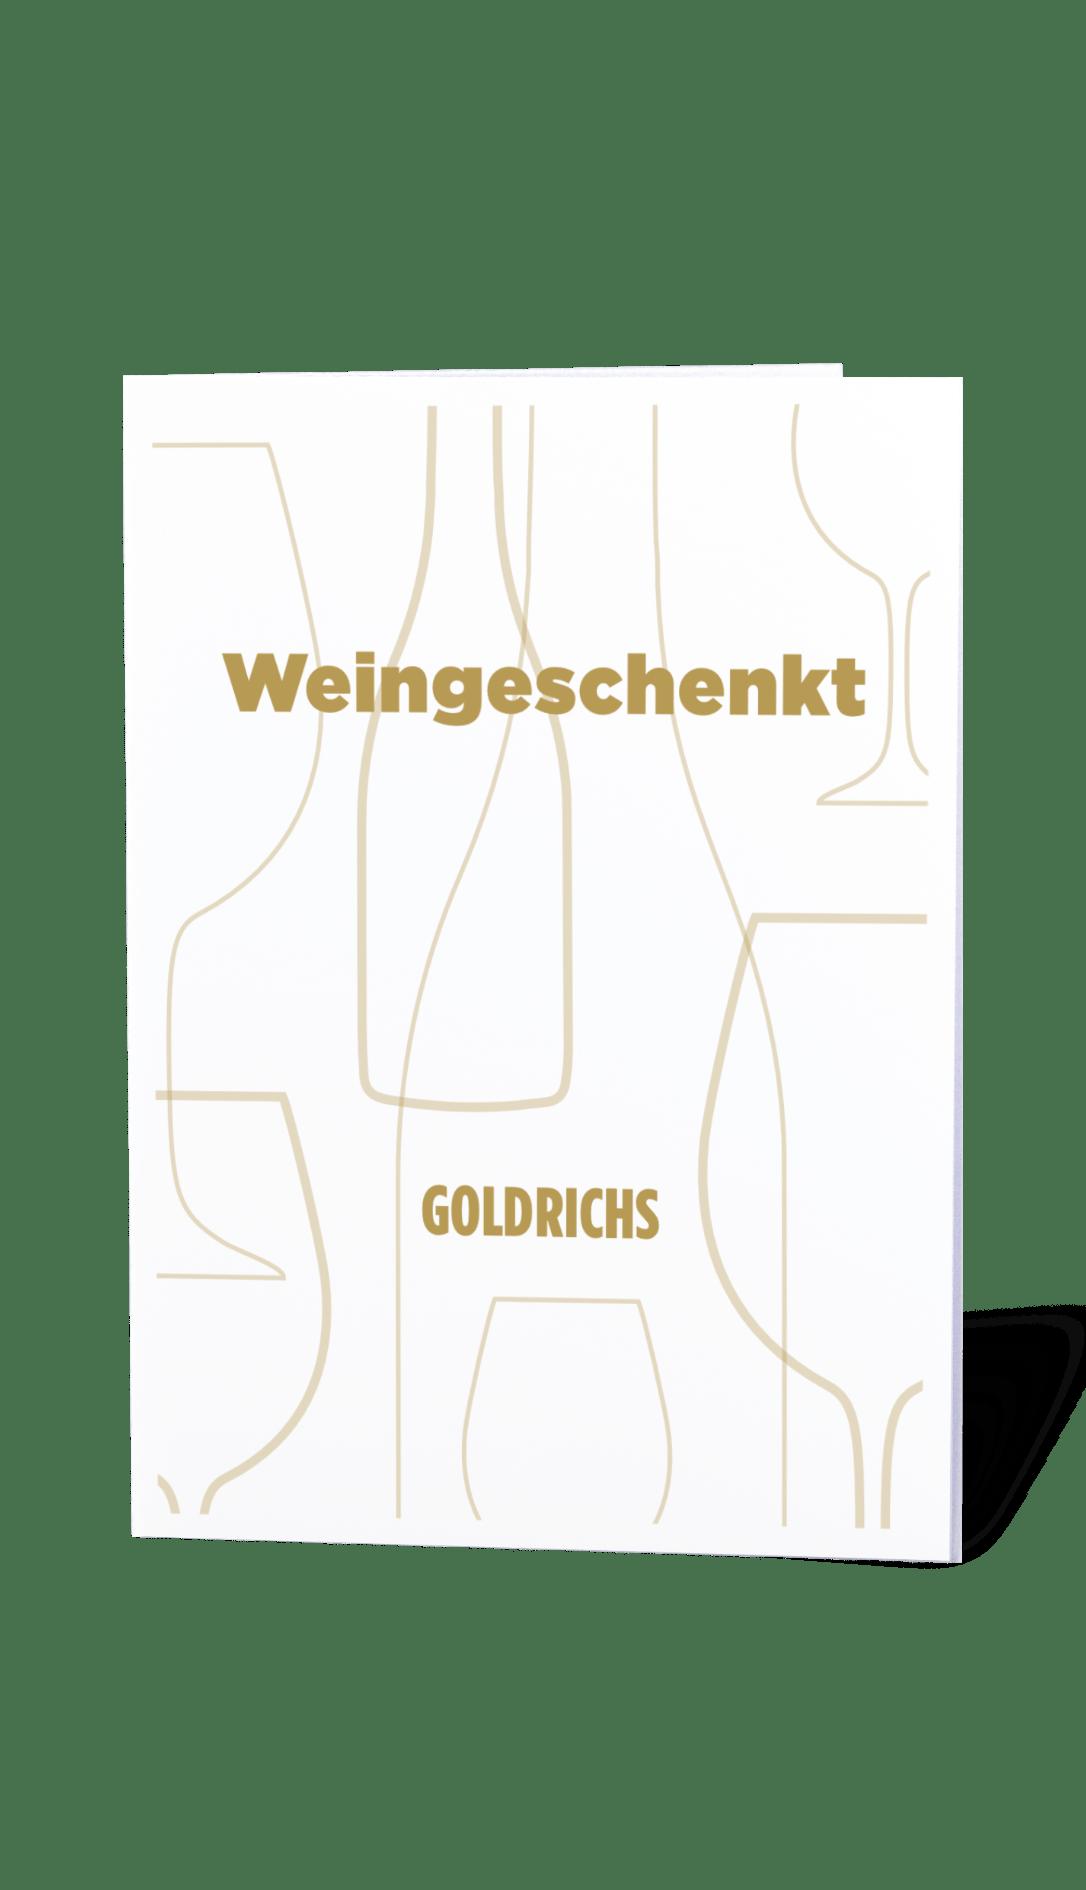 goldrichs wein gutschein motiv gold zum ausdrucken goldrichs. Black Bedroom Furniture Sets. Home Design Ideas